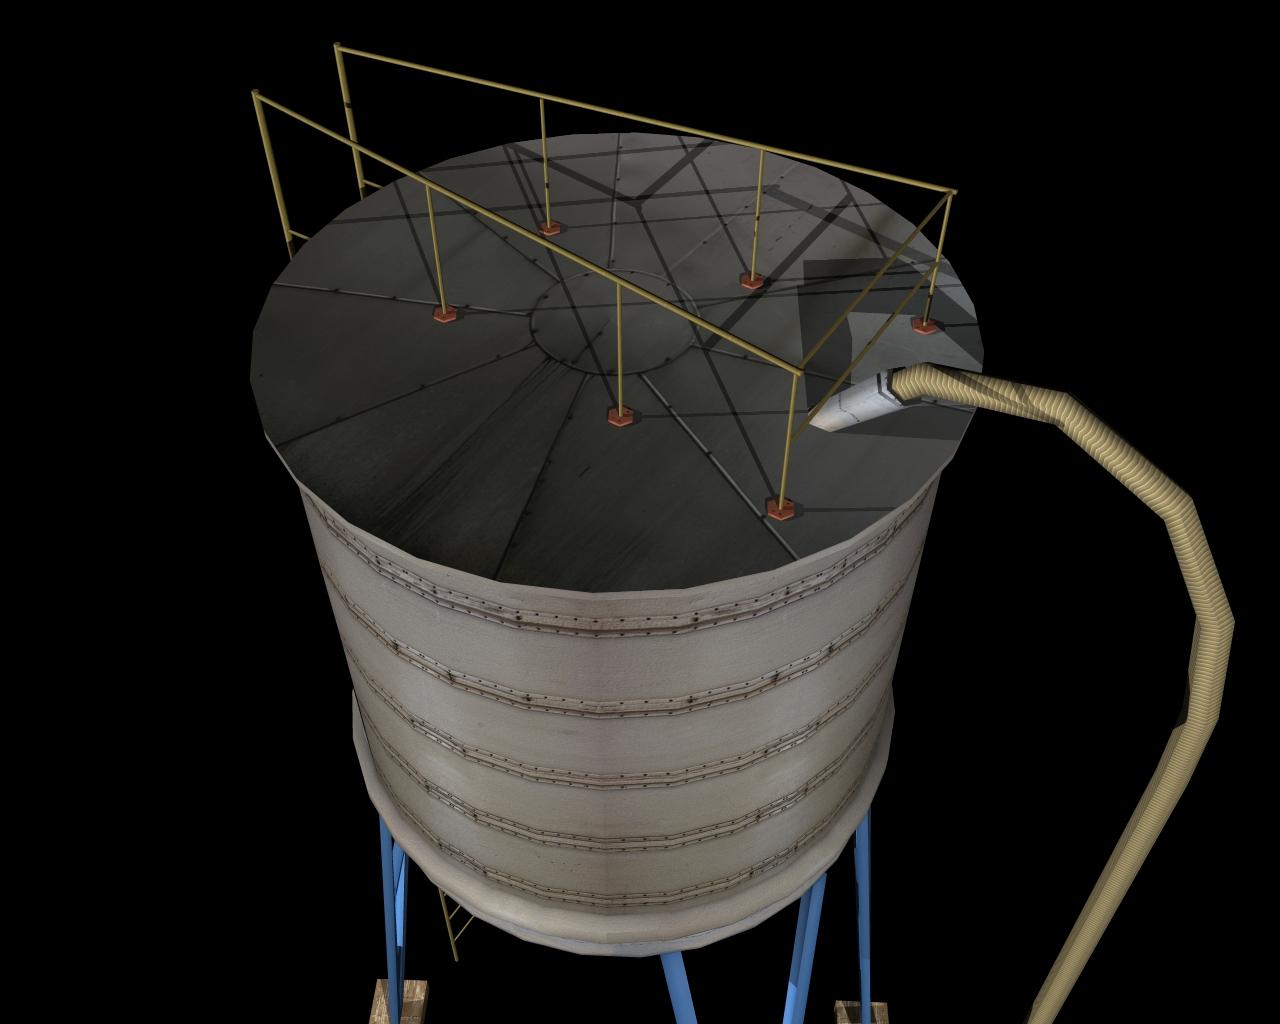 silo 3d model 3ds 164147